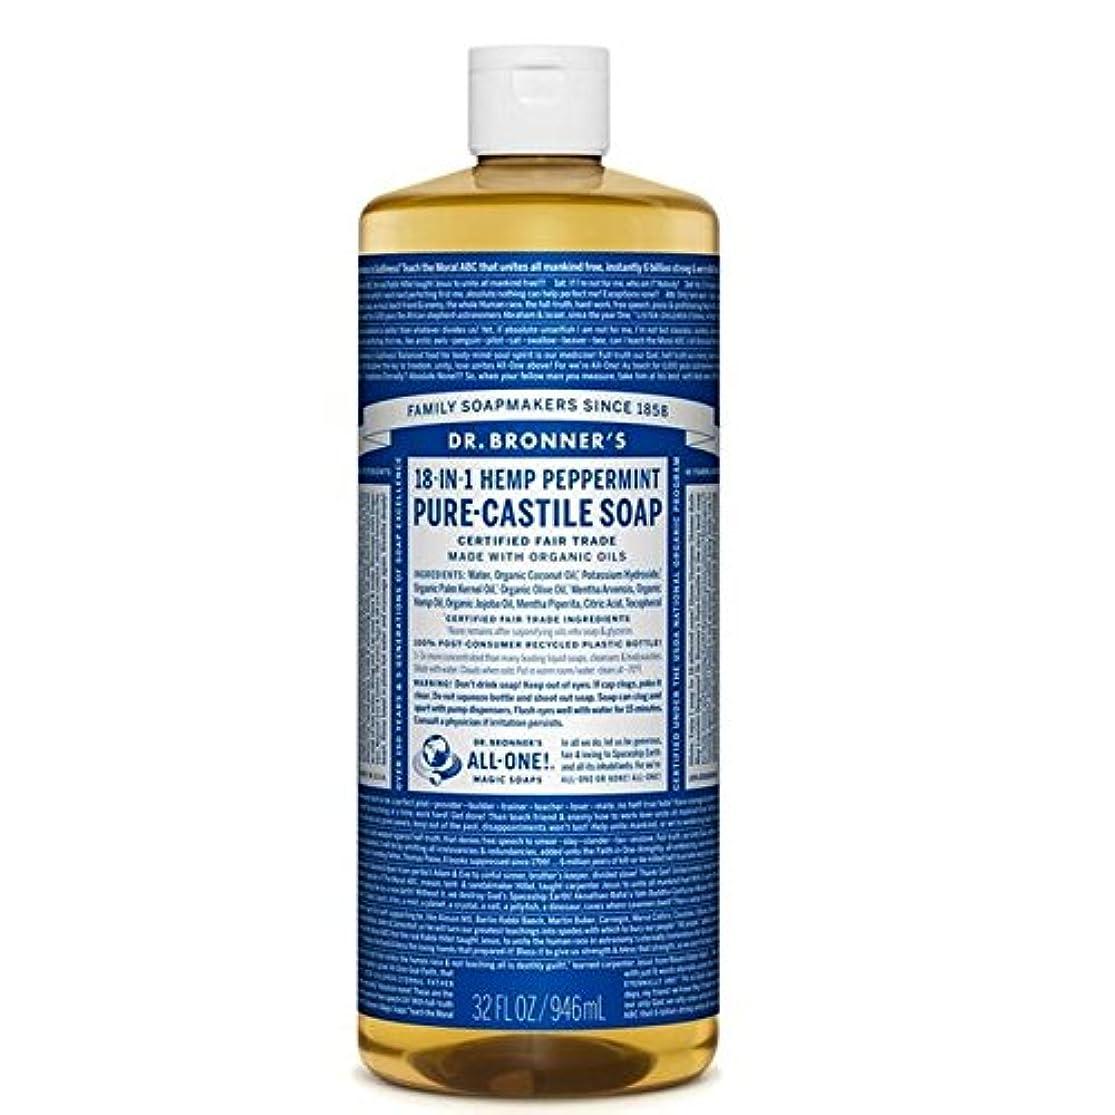 フォルダ平手打ちさらにのブロナー有機ペパーミントカスティーリャ液体石鹸946ミリリットル x2 - Dr Bronner Organic Peppermint Castile Liquid Soap 946ml (Pack of 2) [並行輸入品]